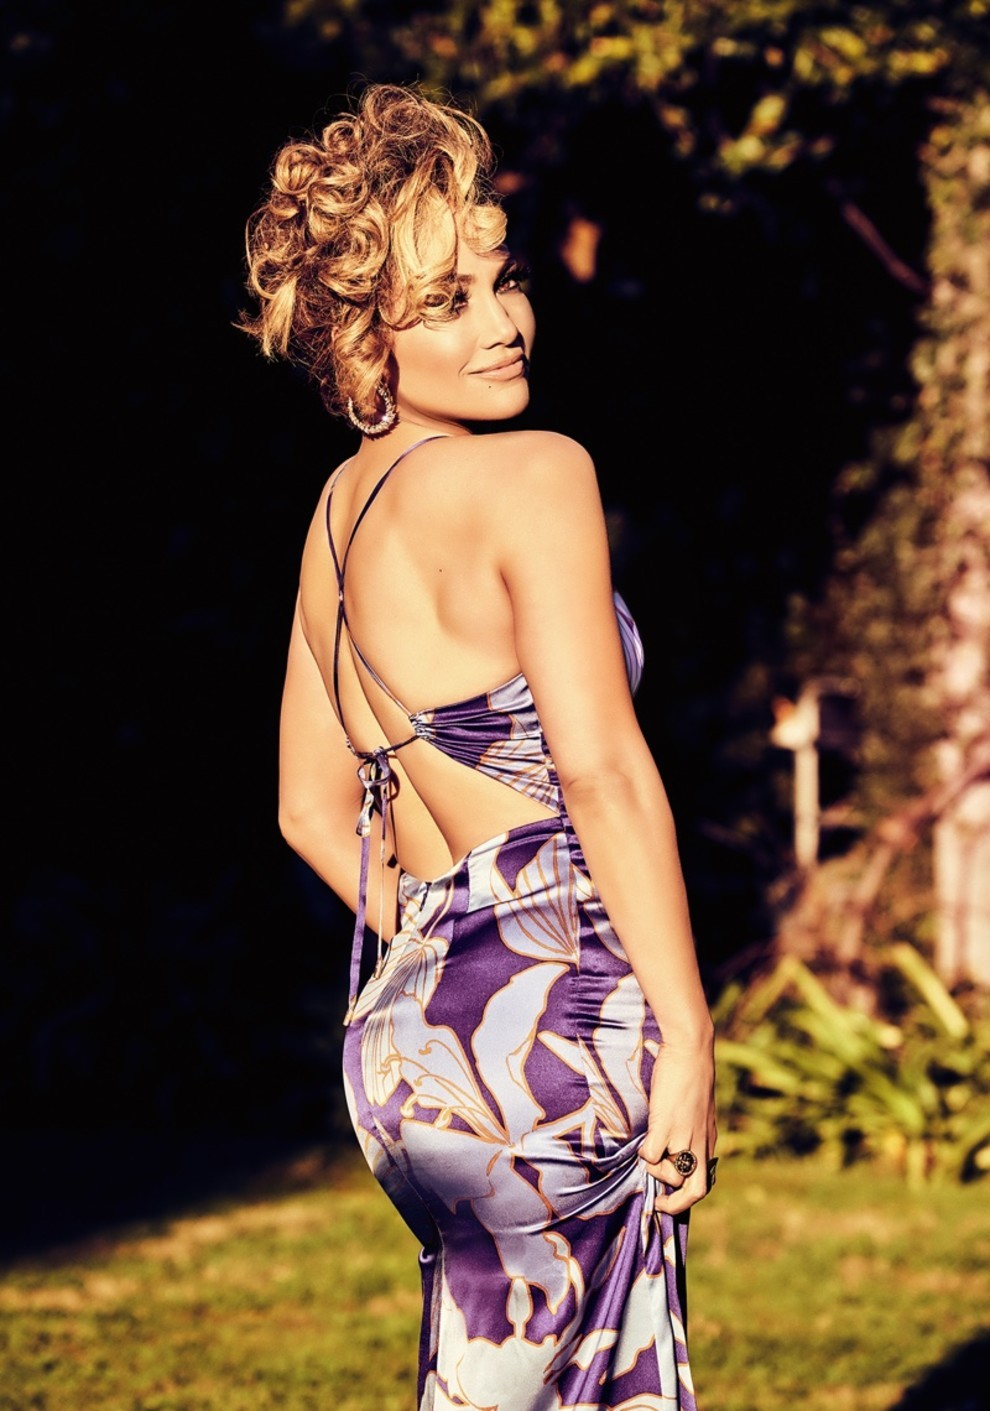 Дженнифер Лопес снялась в образе Софи Лорен: для новой рекламной кампании Guess - фото №5